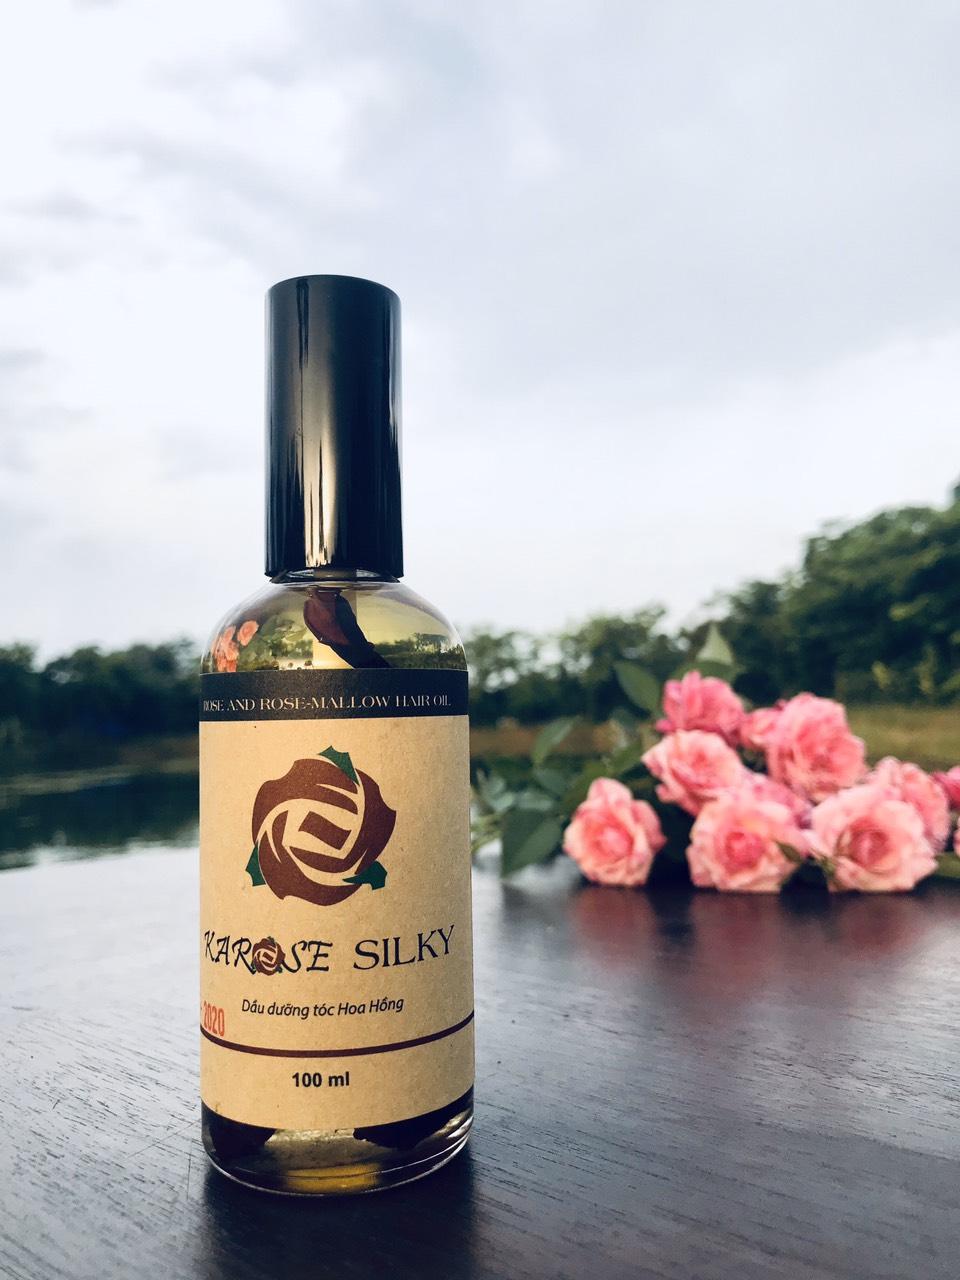 Dầu Dưỡng Ủ Tóc Hoa Hồng Karose Silky (100 ml)